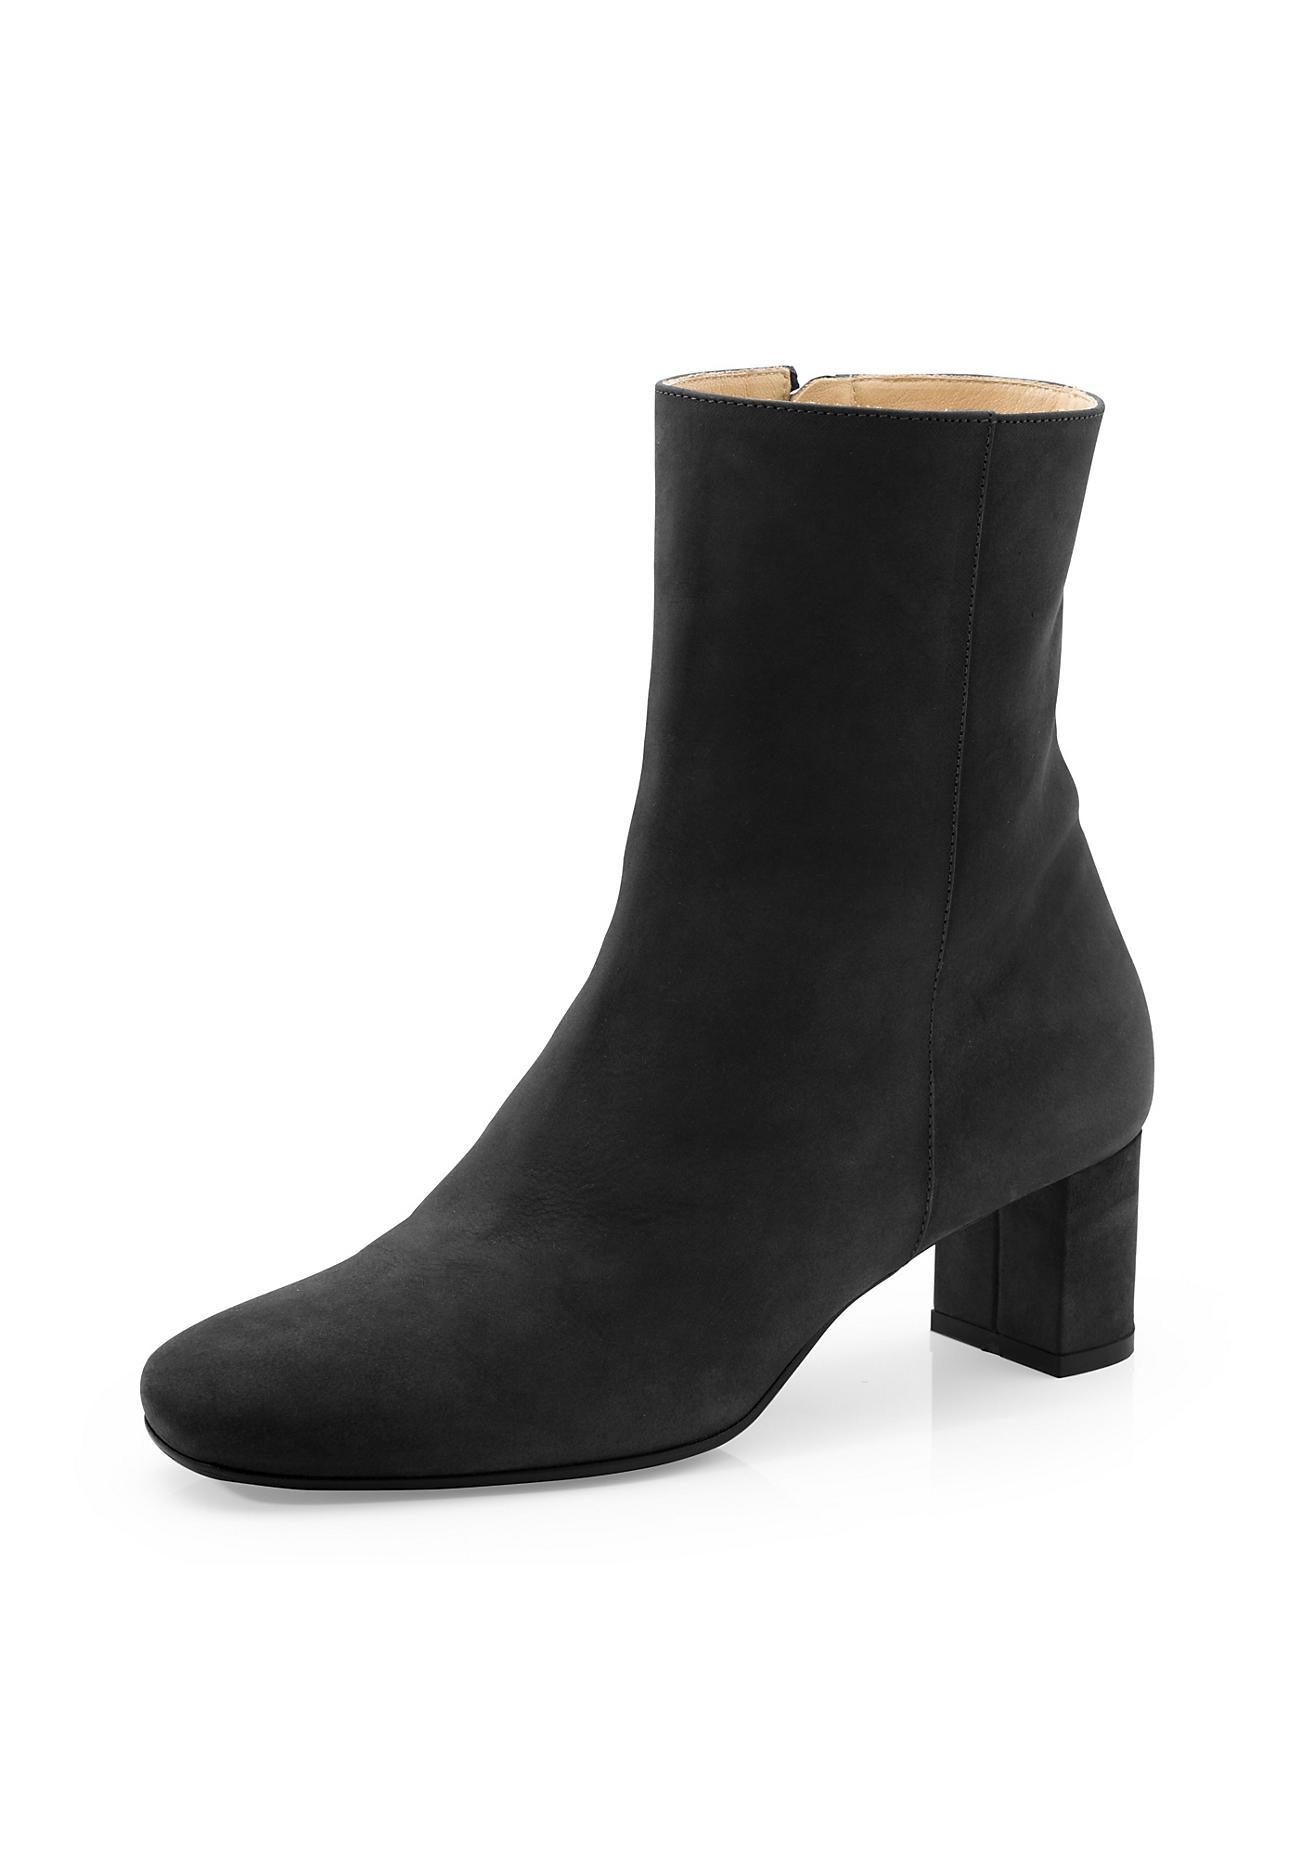 Stiefel für Frauen - hessnatur Damen Damen Stiefelette aus Nubukleder – schwarz –  - Onlineshop Hessnatur